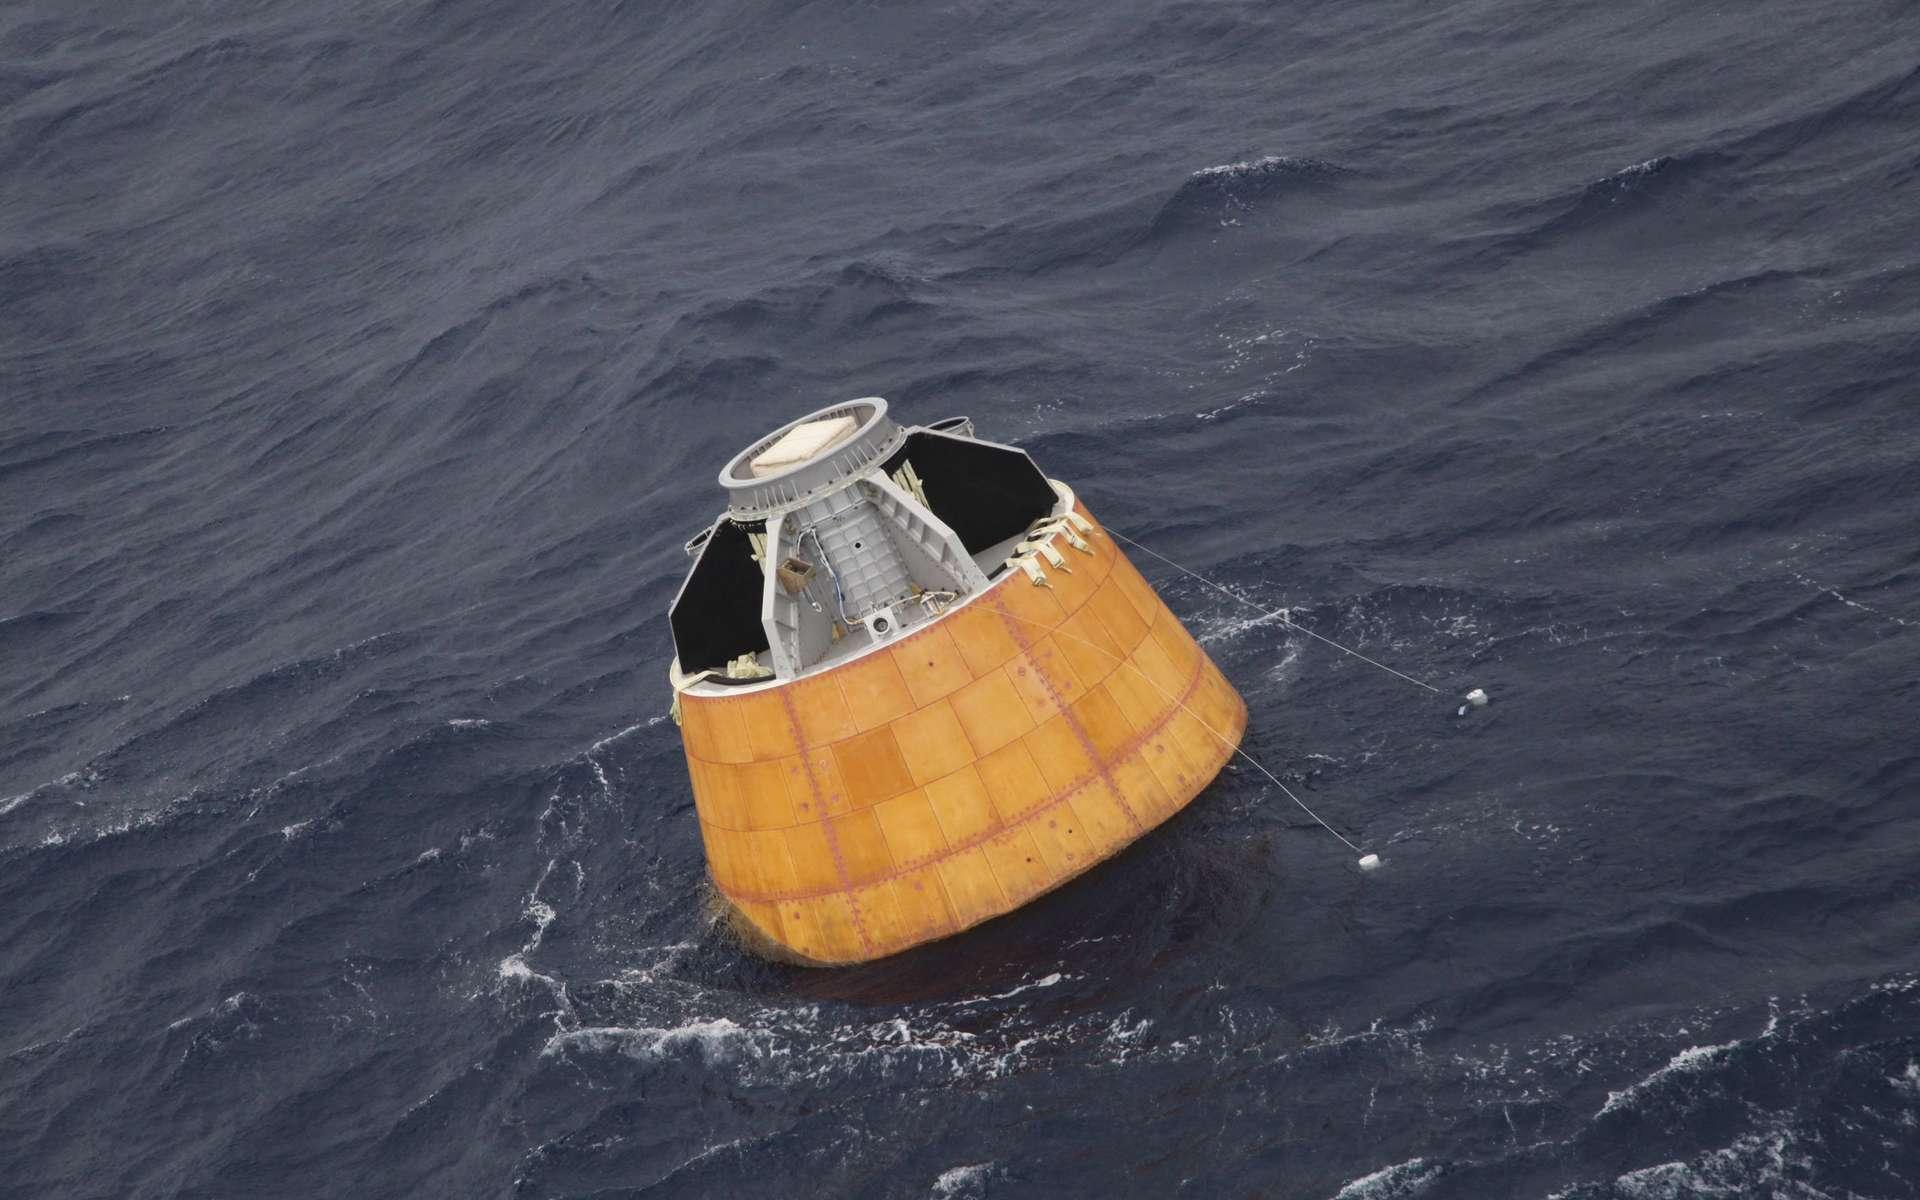 Démonstrateur indien de capsule habitable pour un équipage de trois personnes. © Isro